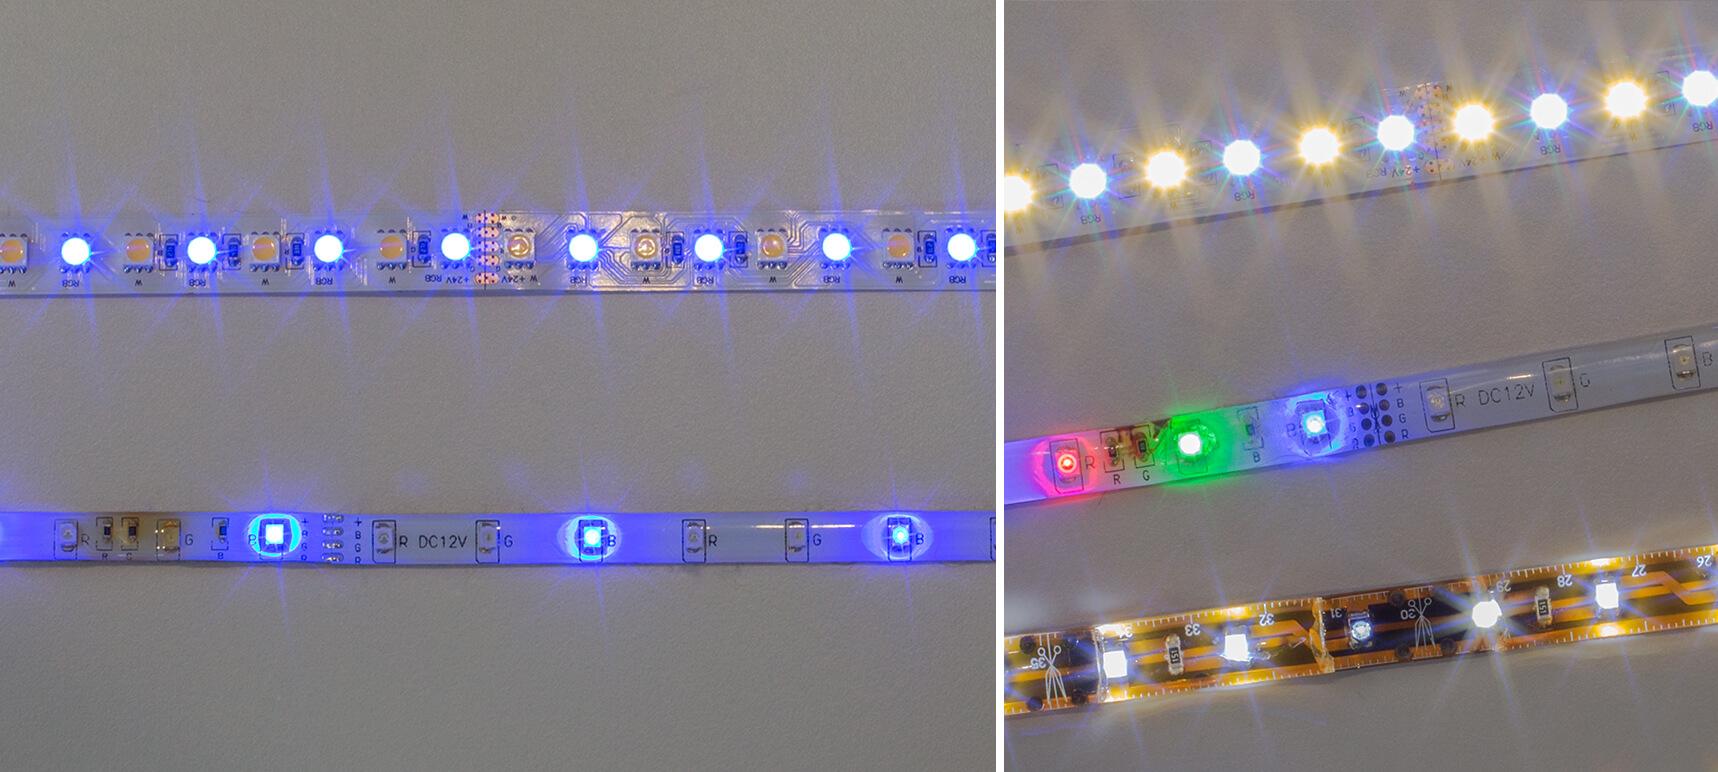 LED Streifen: 4 Qualitätsmerkmale - damit du gerüstet bist!